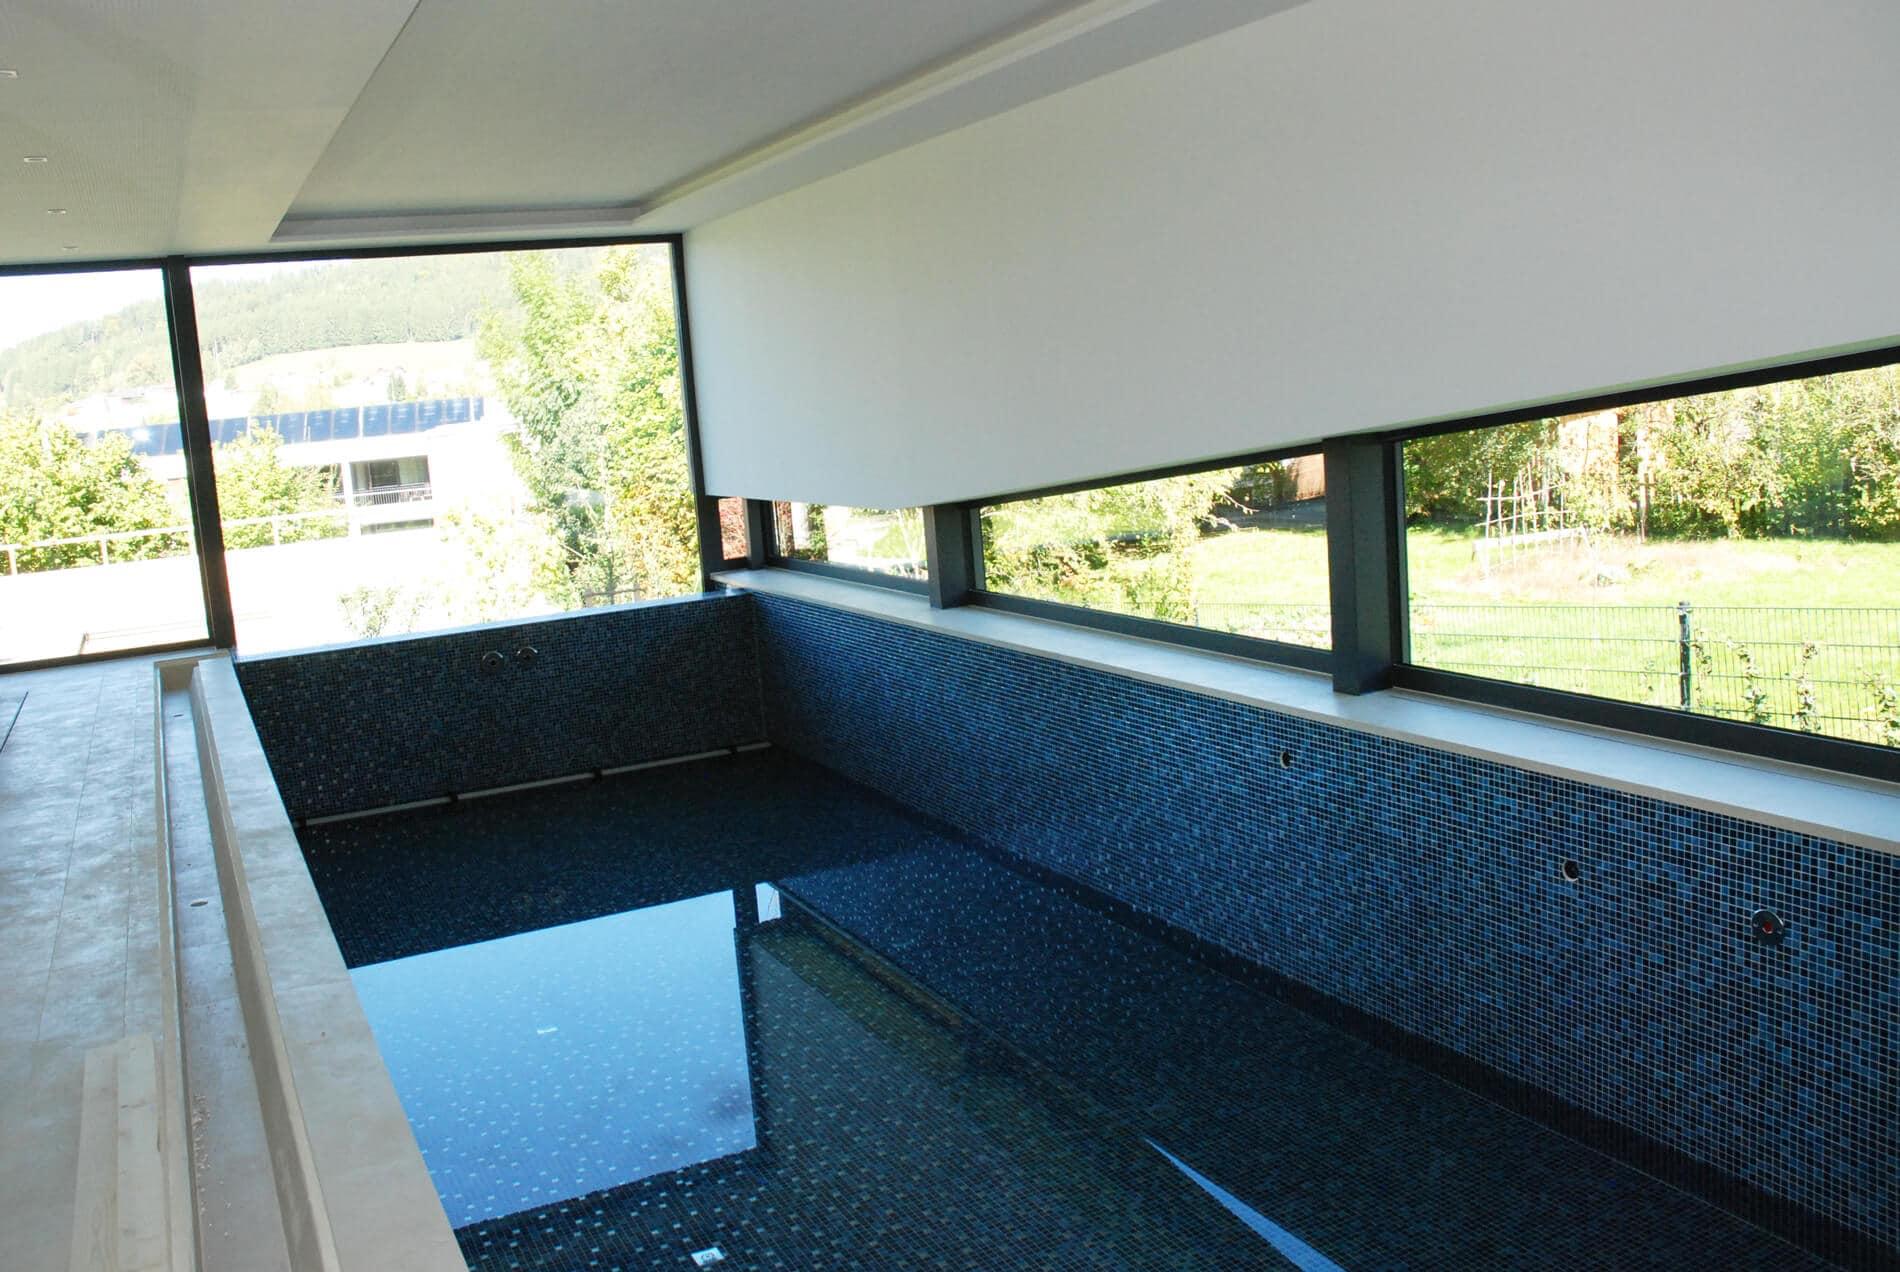 Panoramafenster für Wellnessoase